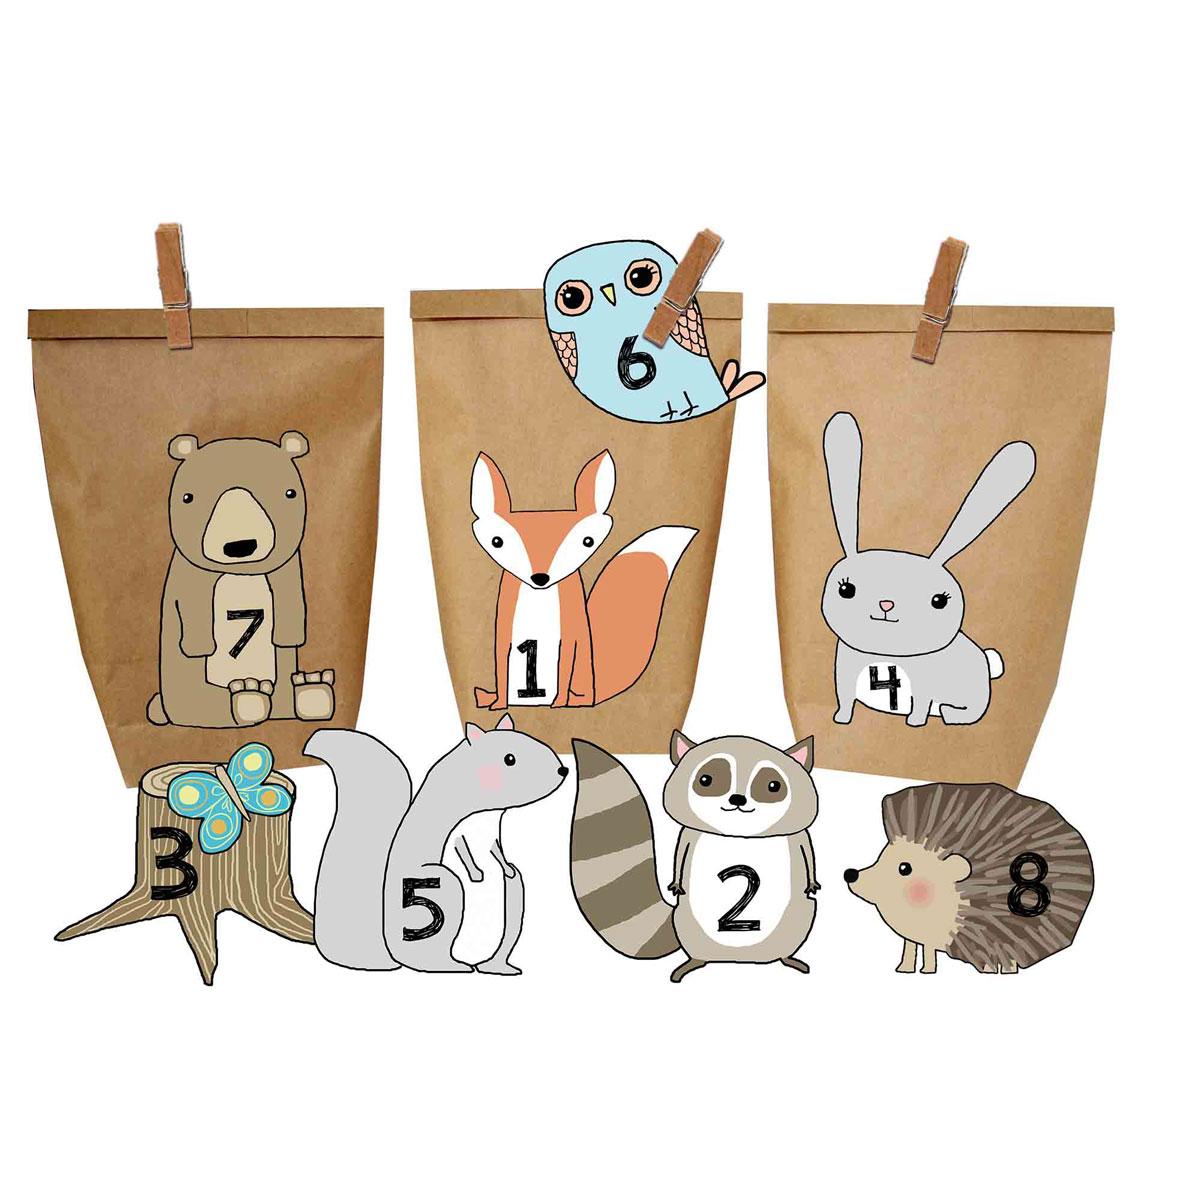 Mini-Geschenke // Was kommt in den Adventskalender für Kinder?